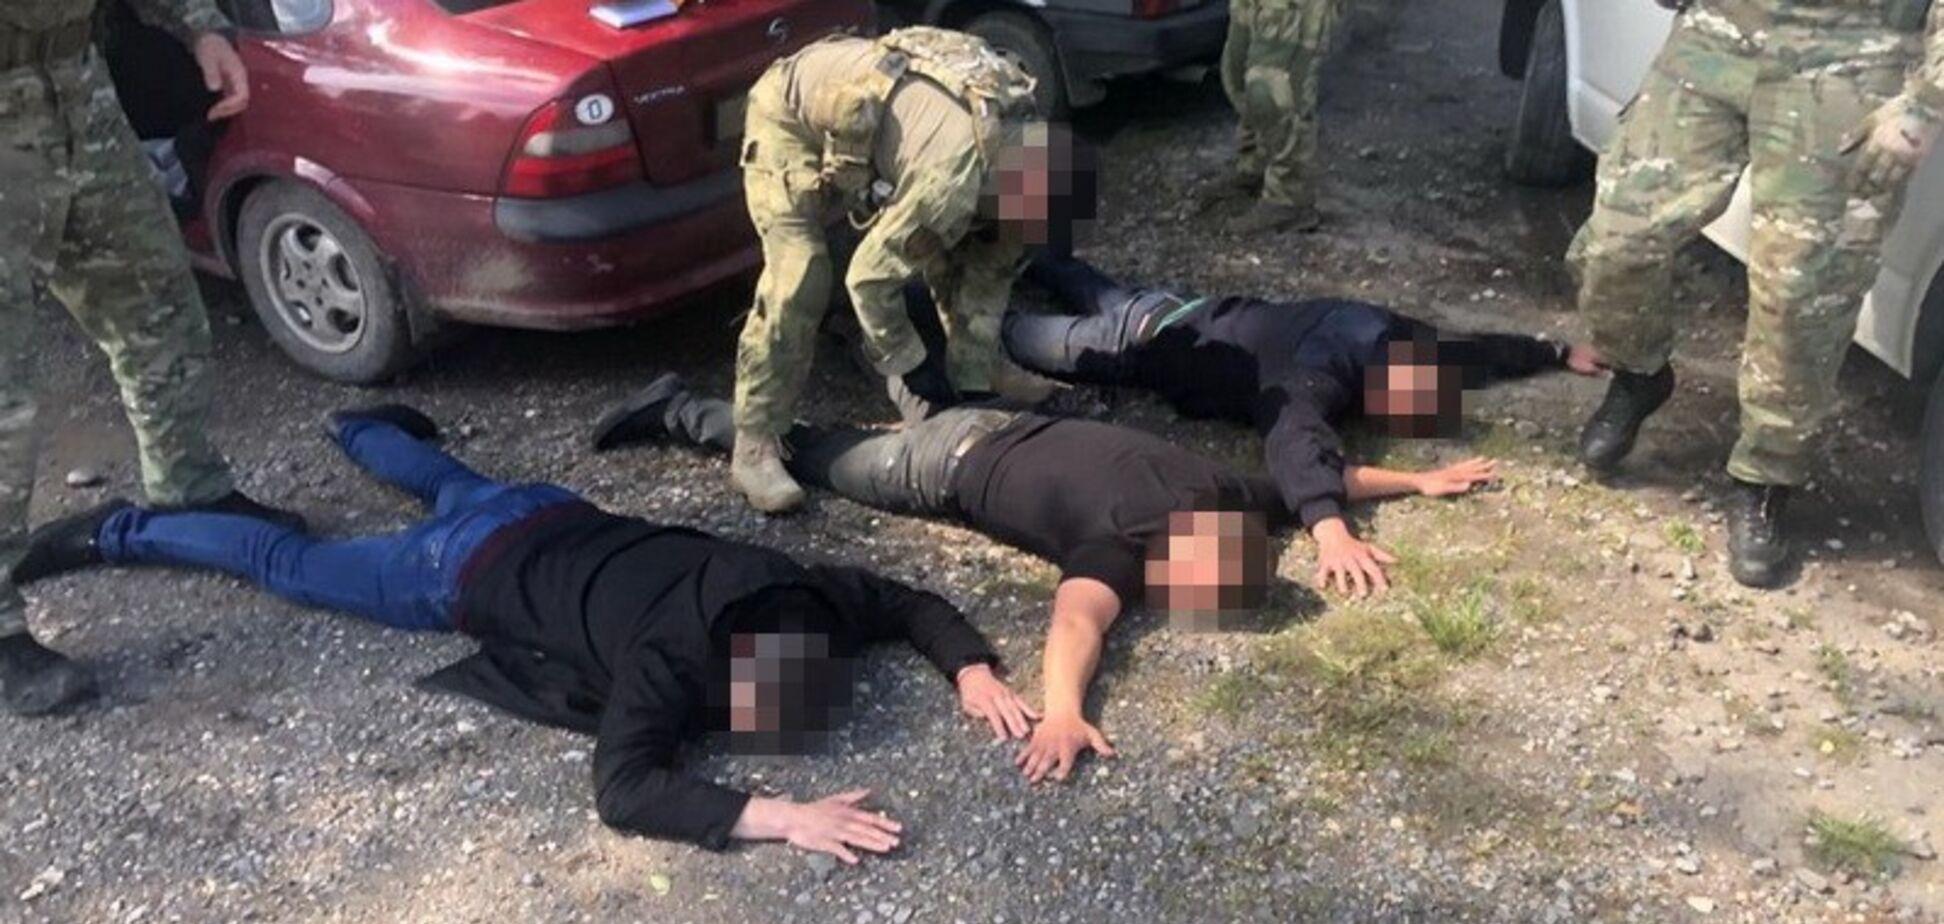 На Днепропетровщине начальник полиции возглавил банду: детали скандала и фото